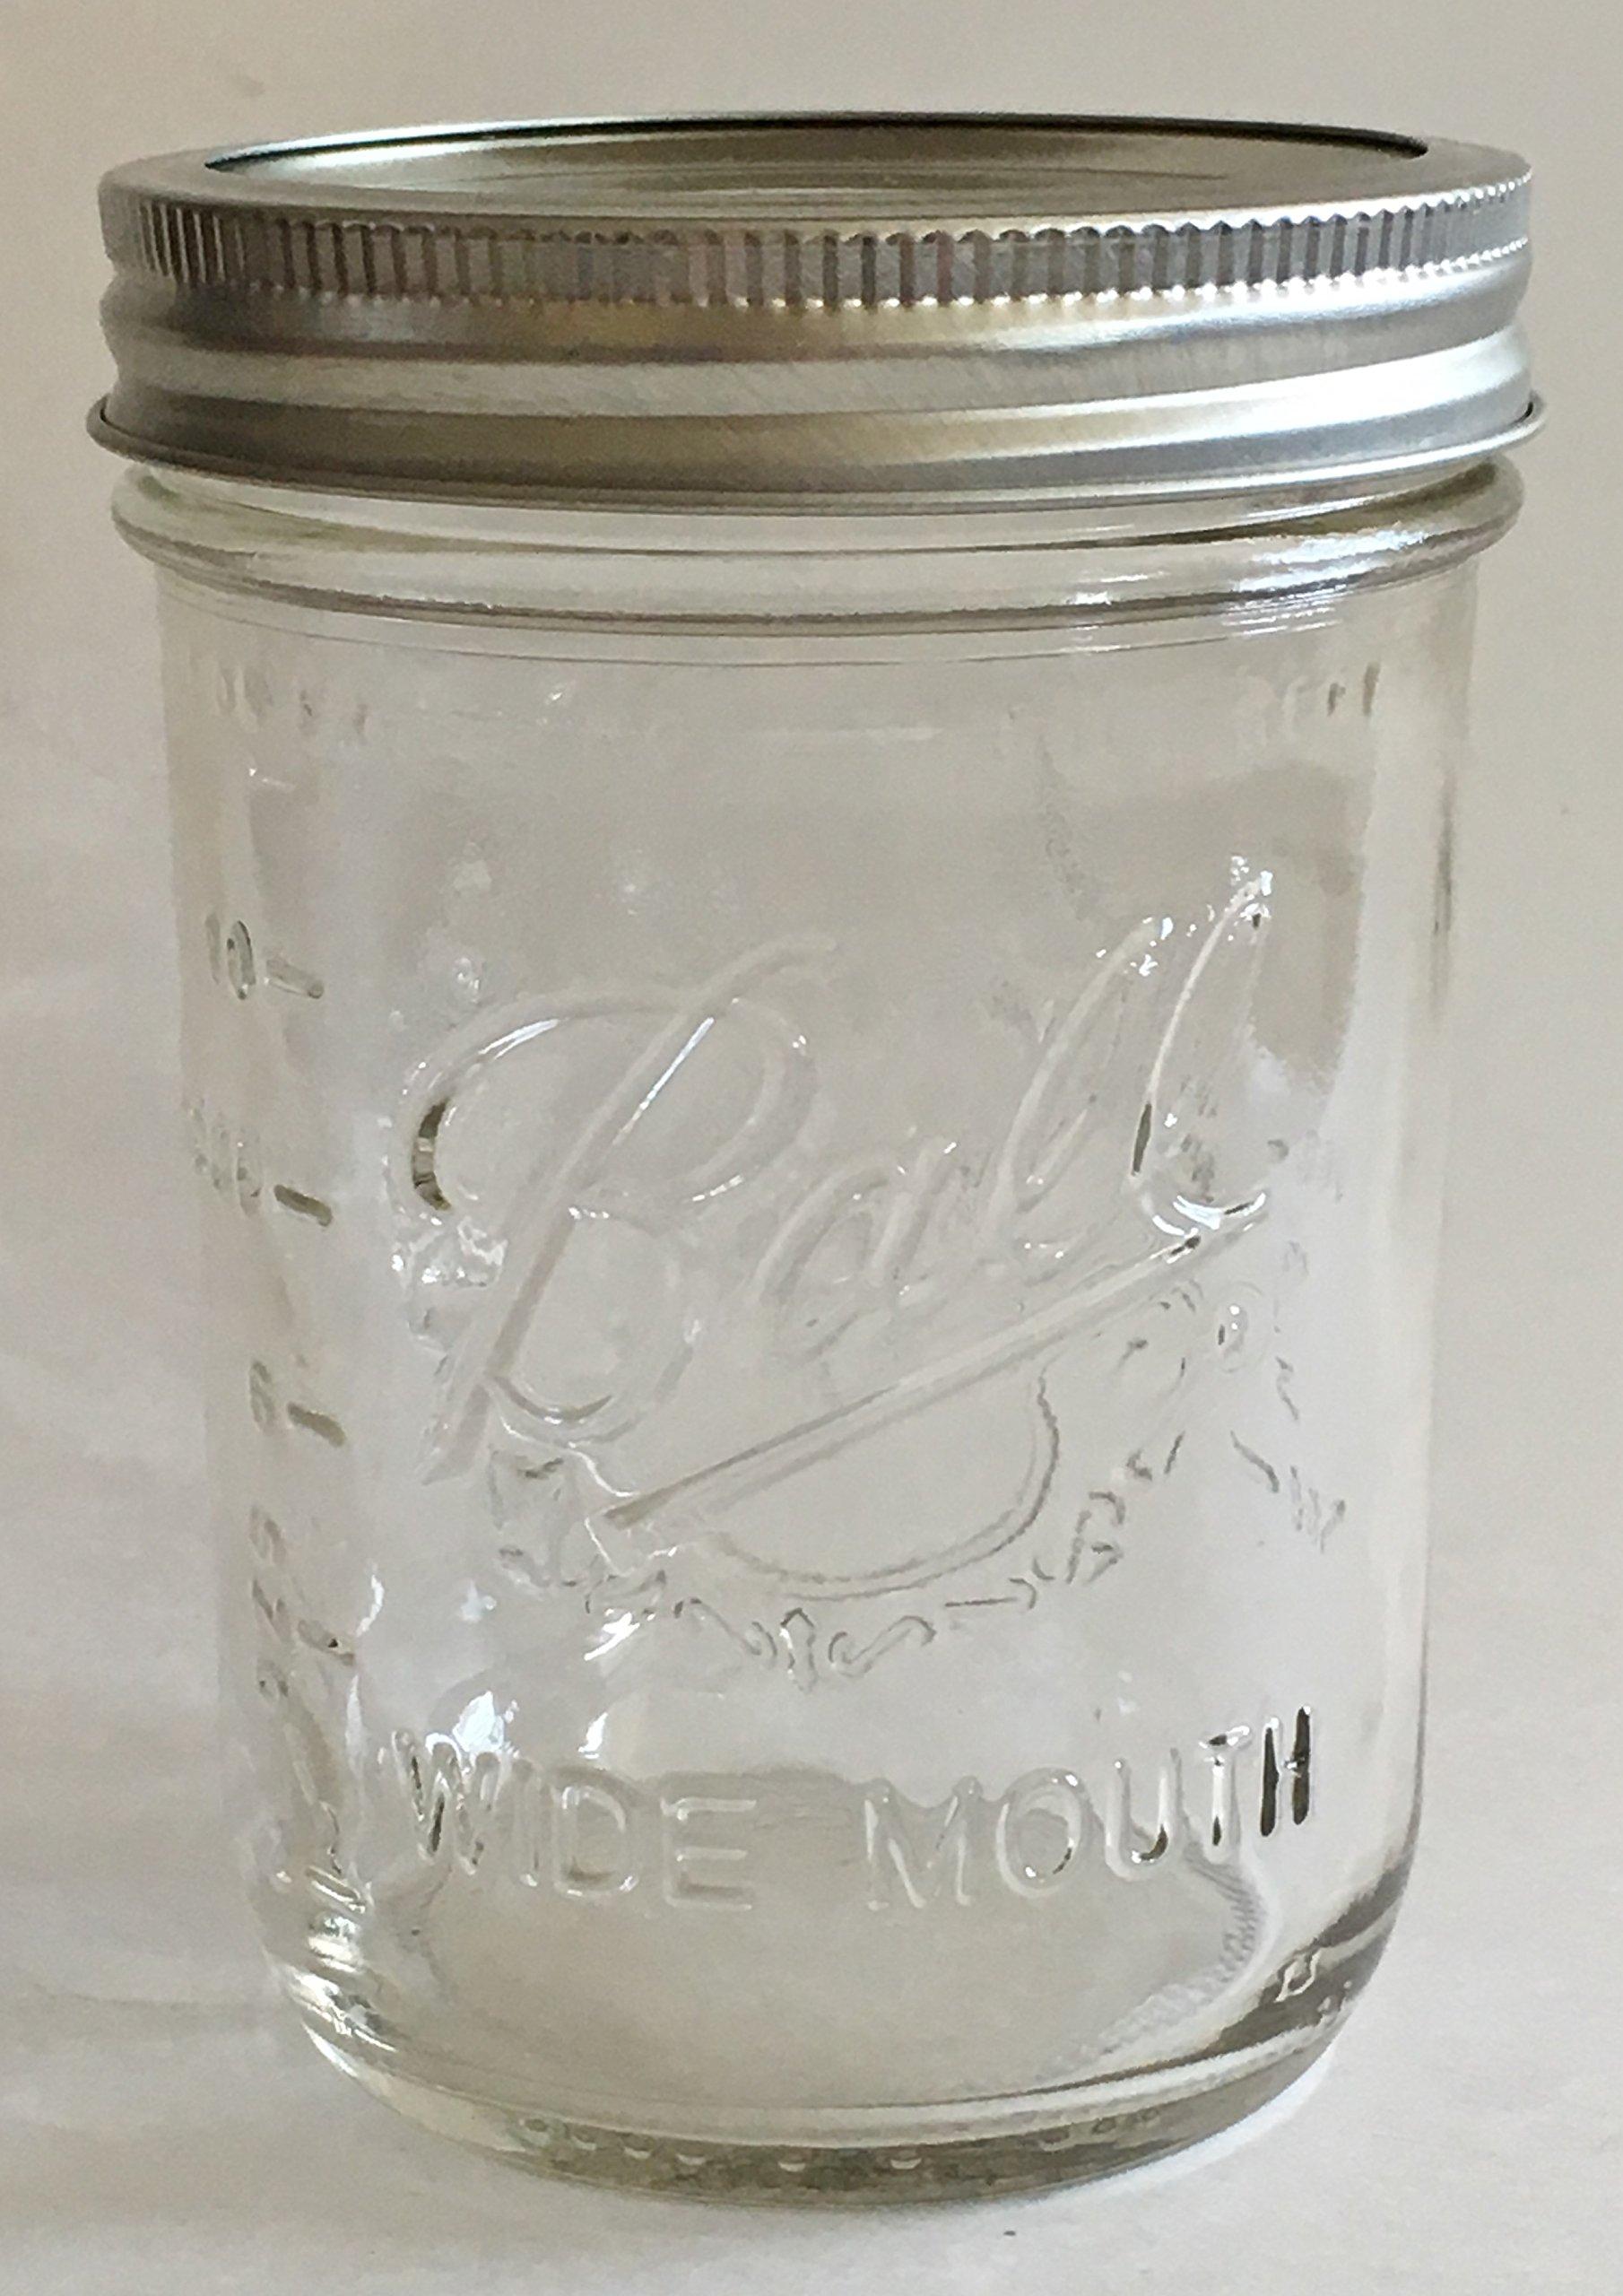 Ball Mason Jar-16 oz. Clear Glass Wide Mouth-One Jar